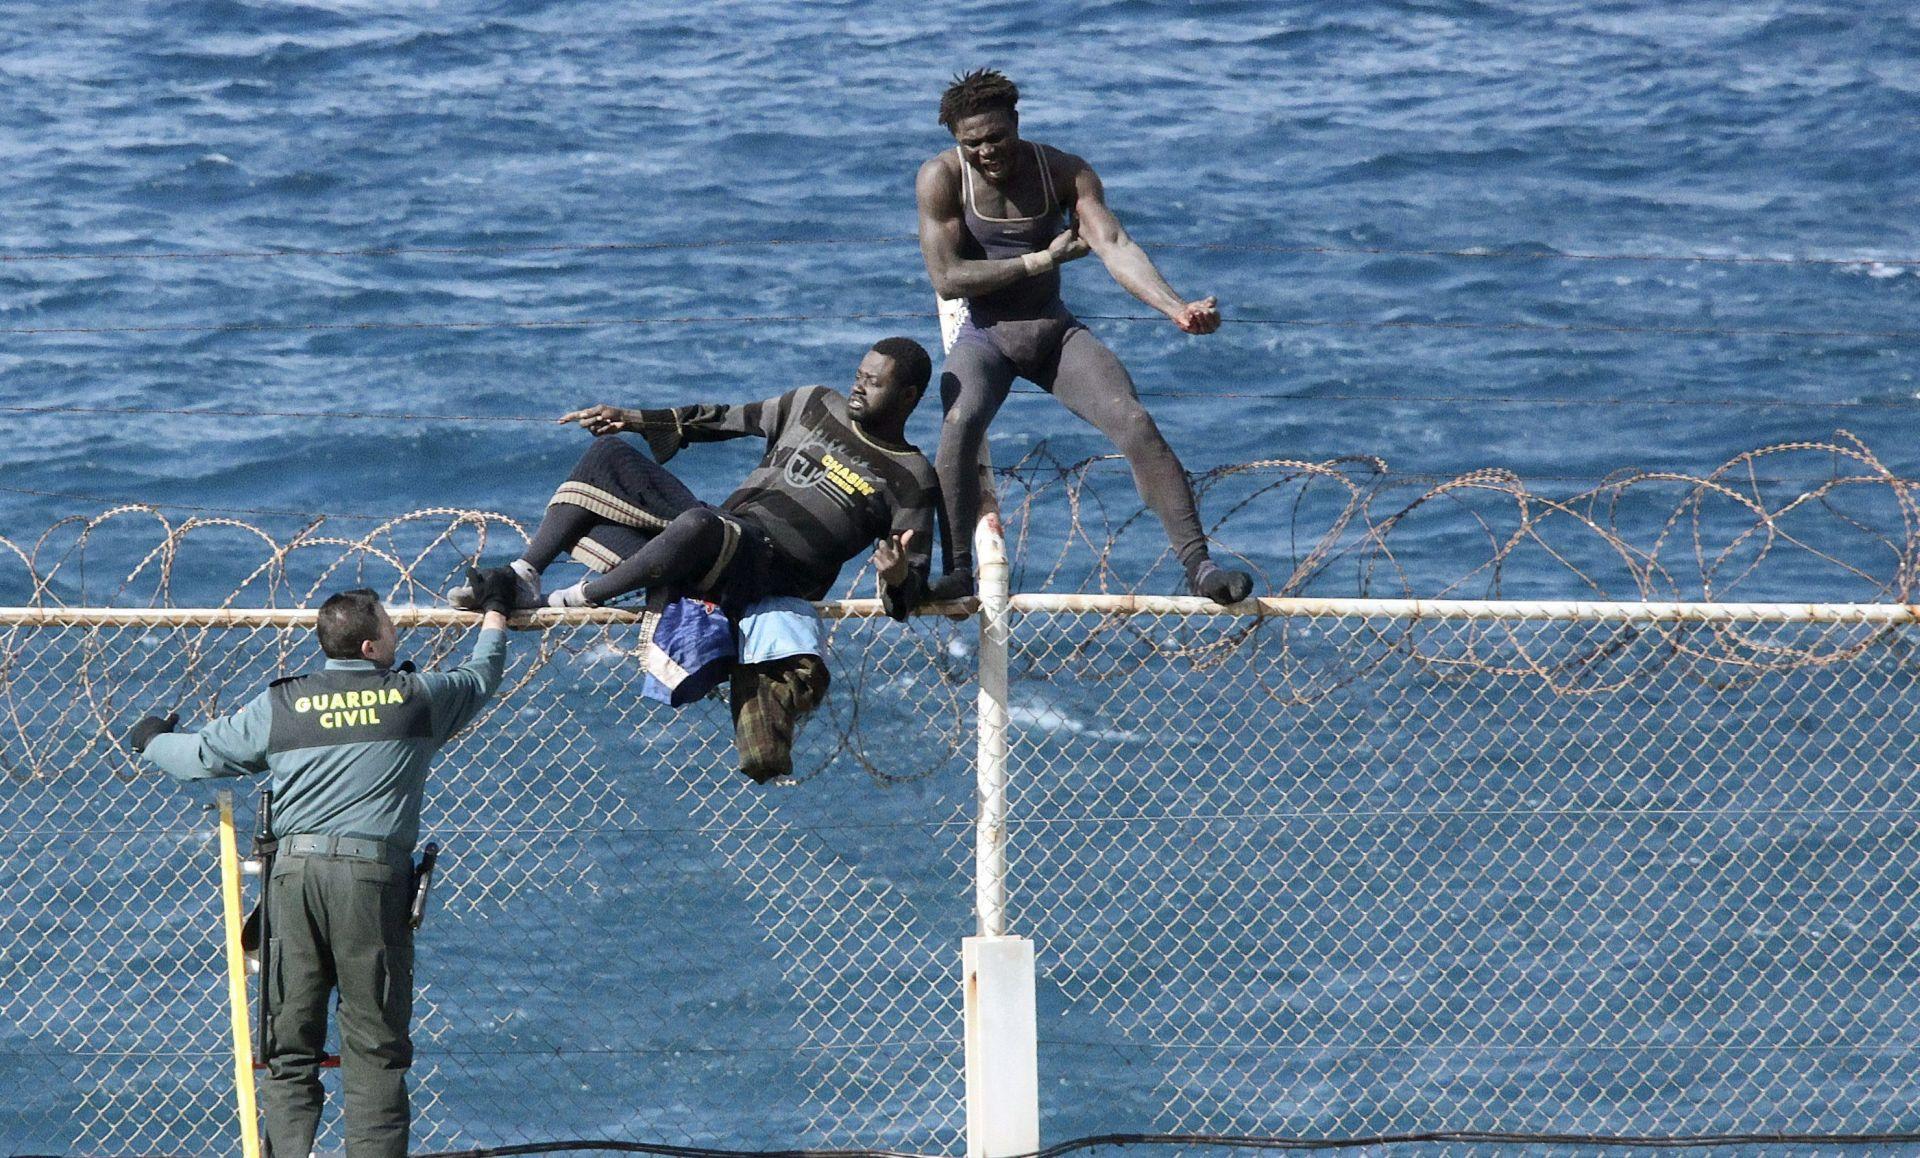 Tisuću migranata u Ceuti pokušalo probiti ograde